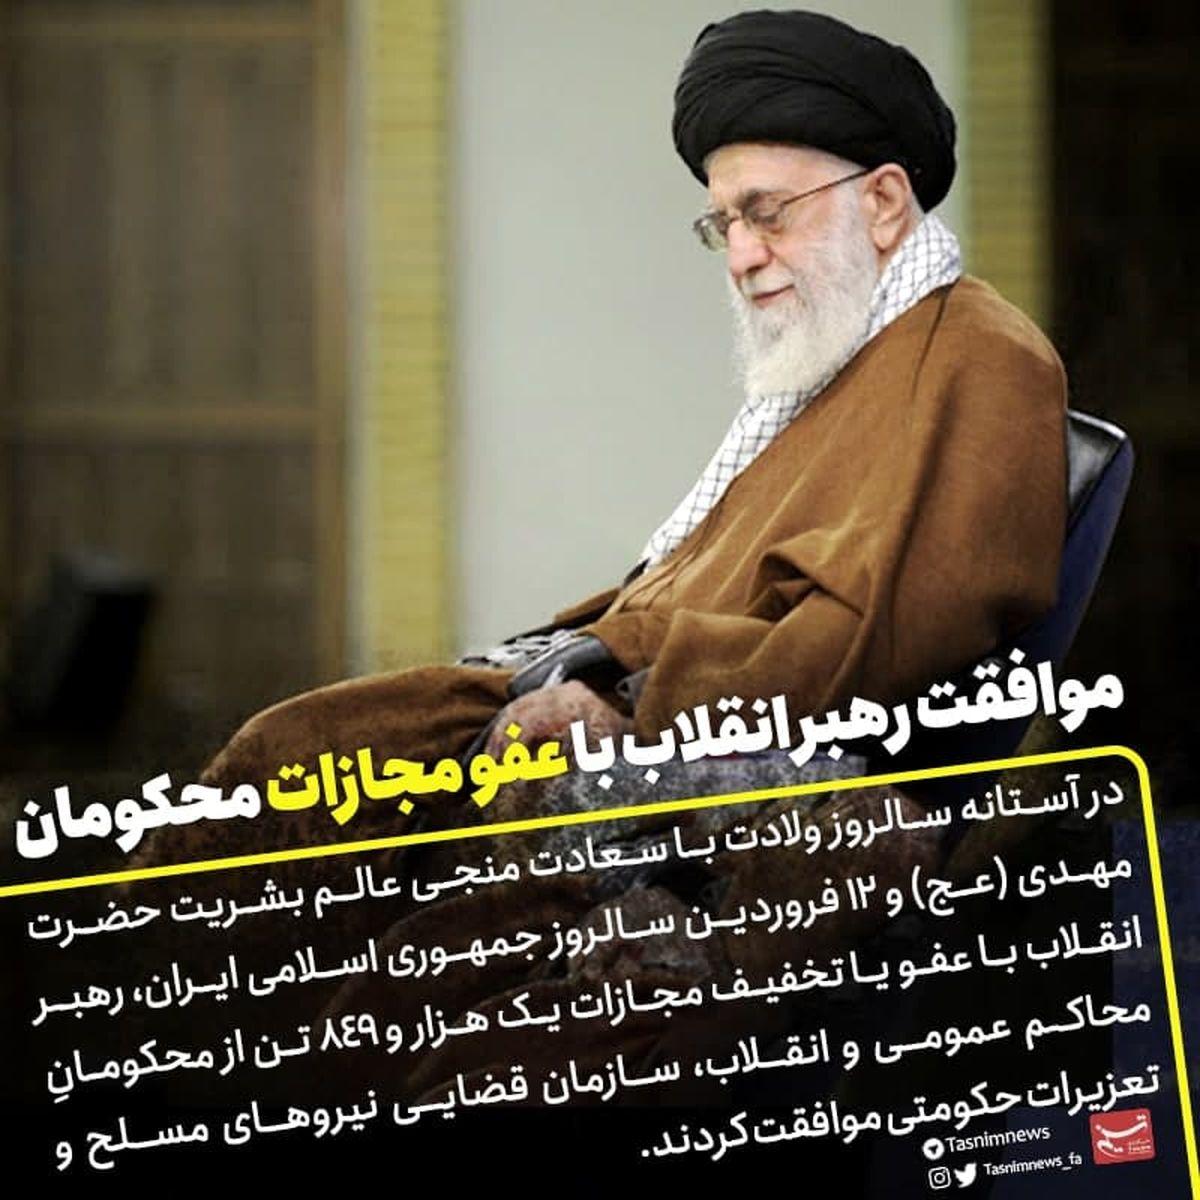 موافقت رهبری با عفو یا تخفیف مجازات تعدادی از محکومان